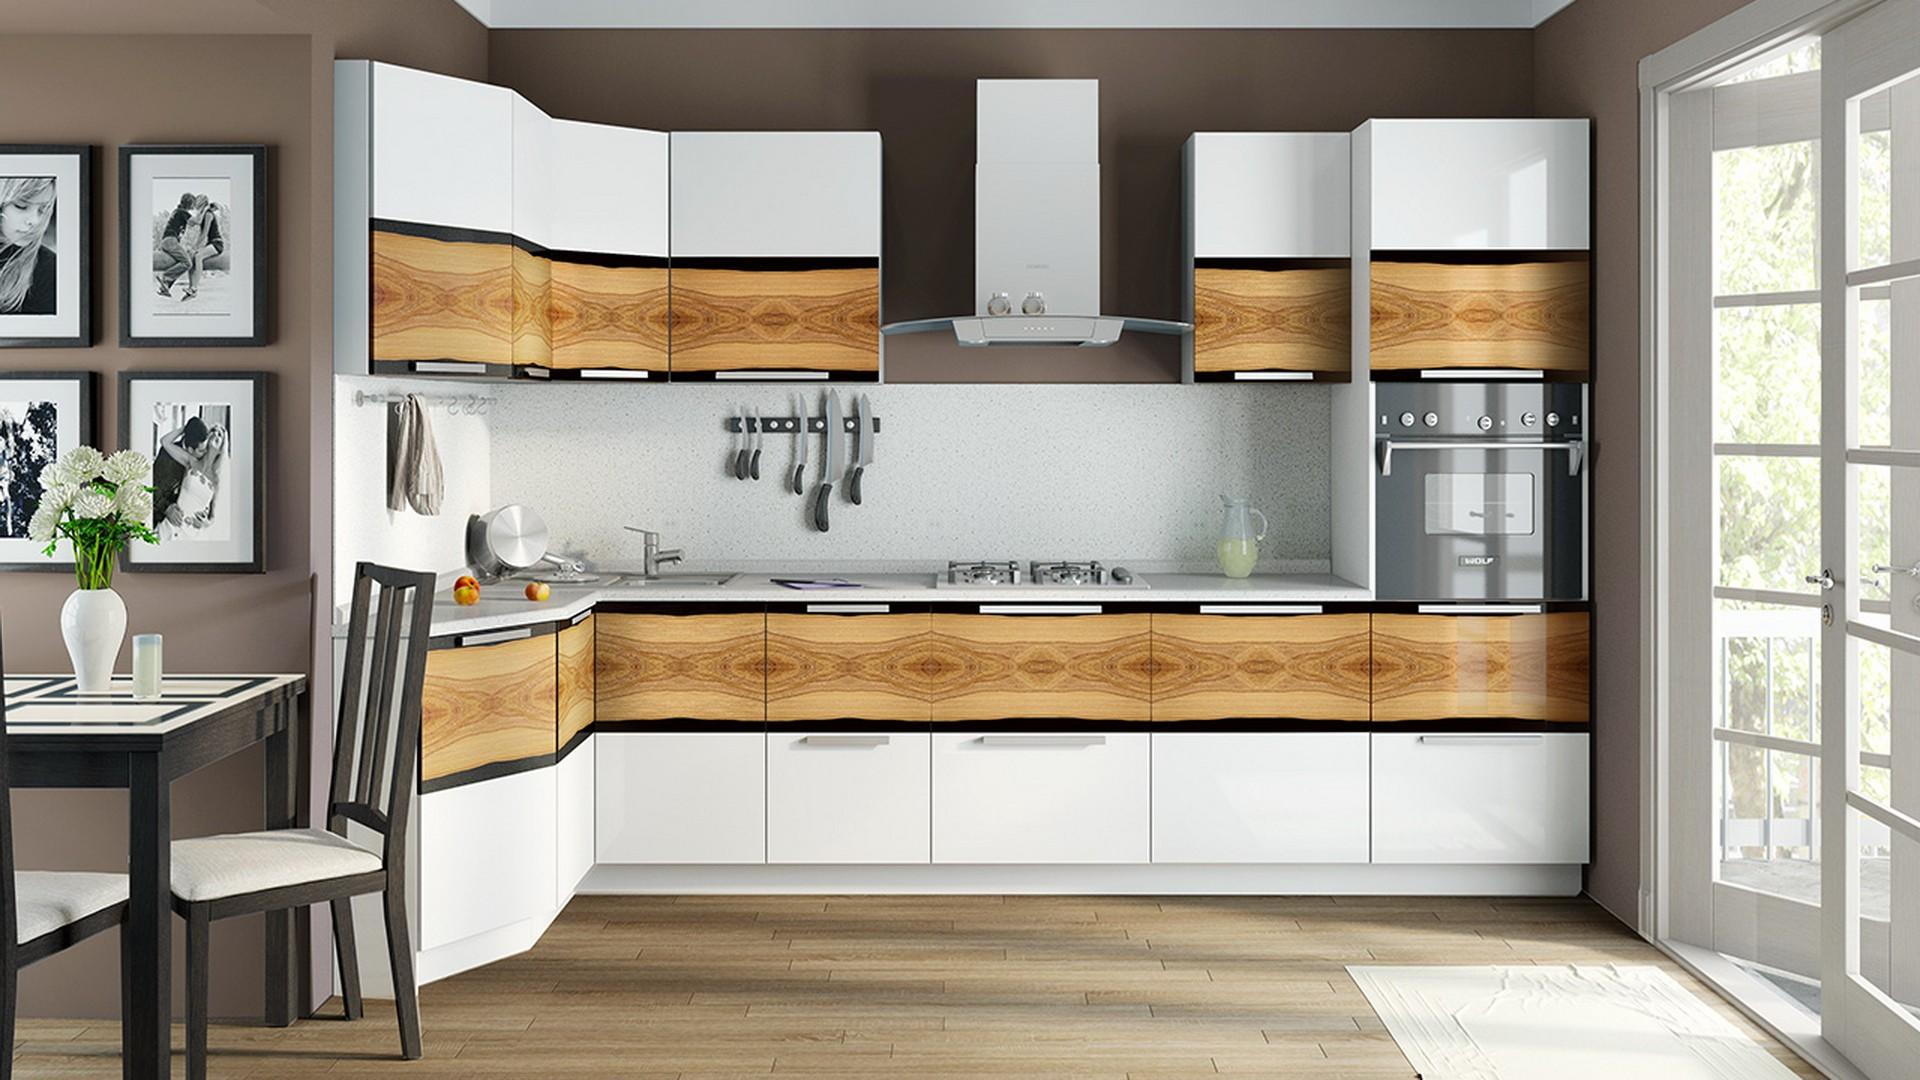 материалы для кухонного гарнитура декор